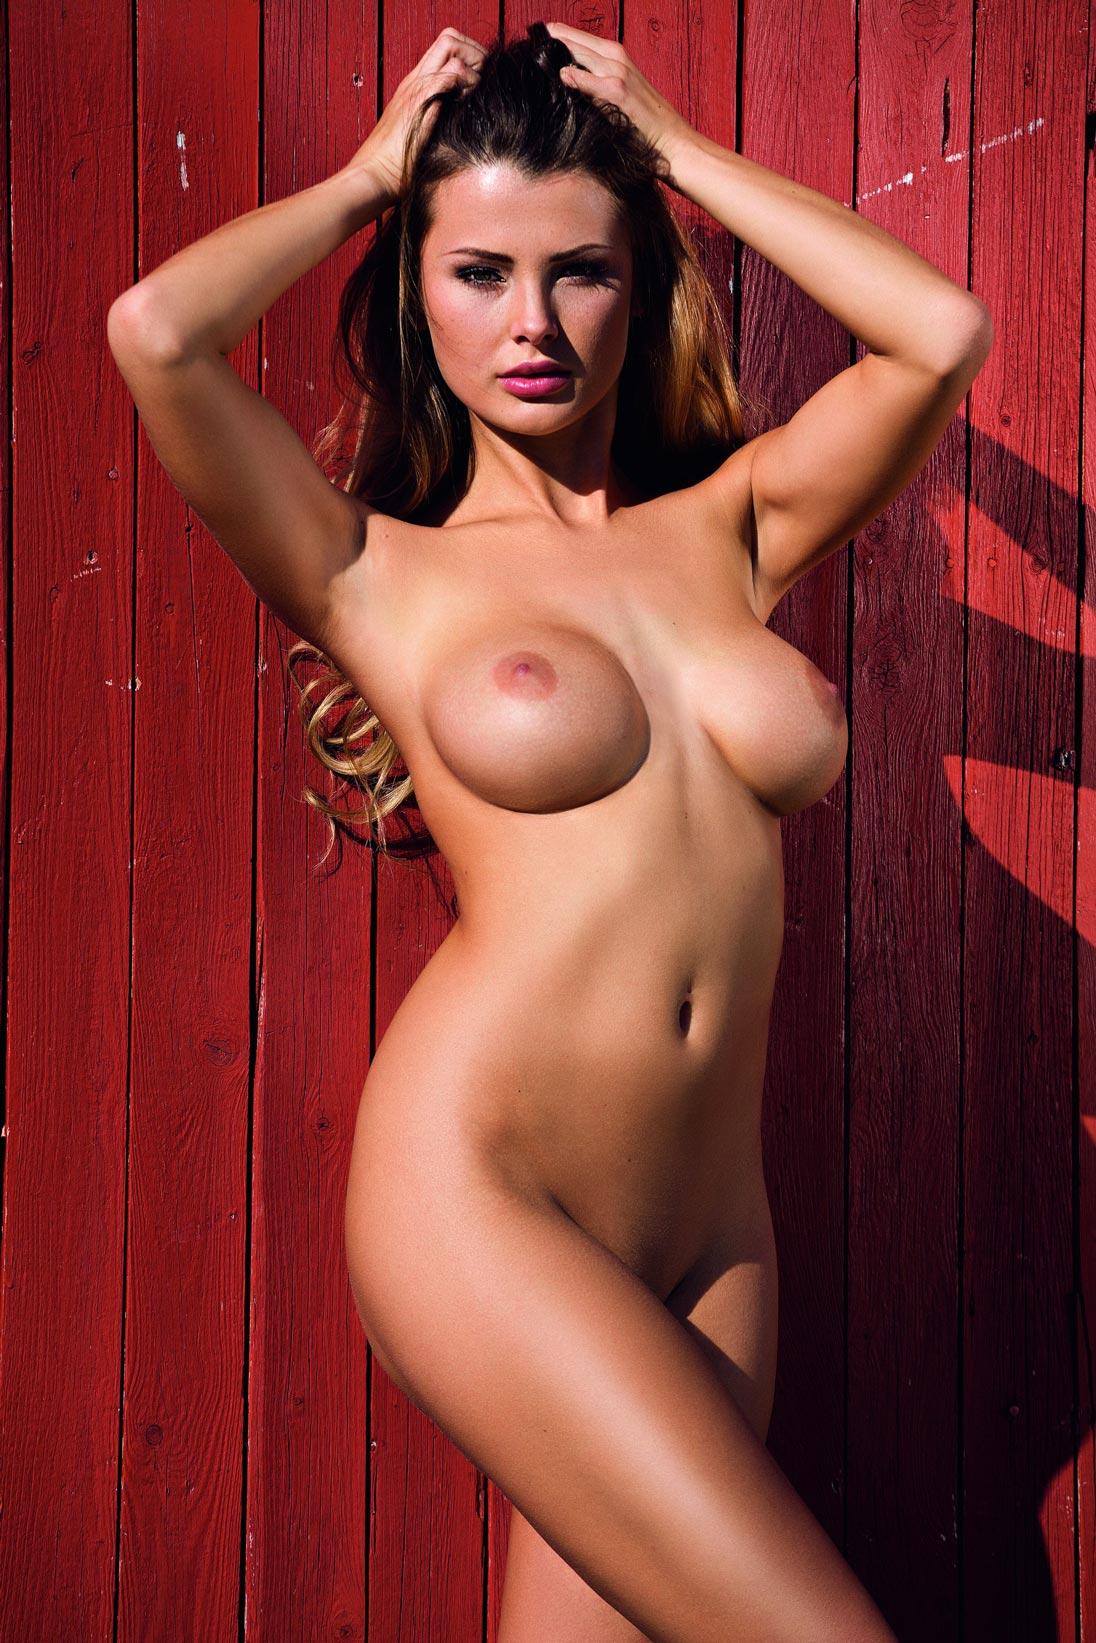 Fotos de safadas nuas mostrando os seios